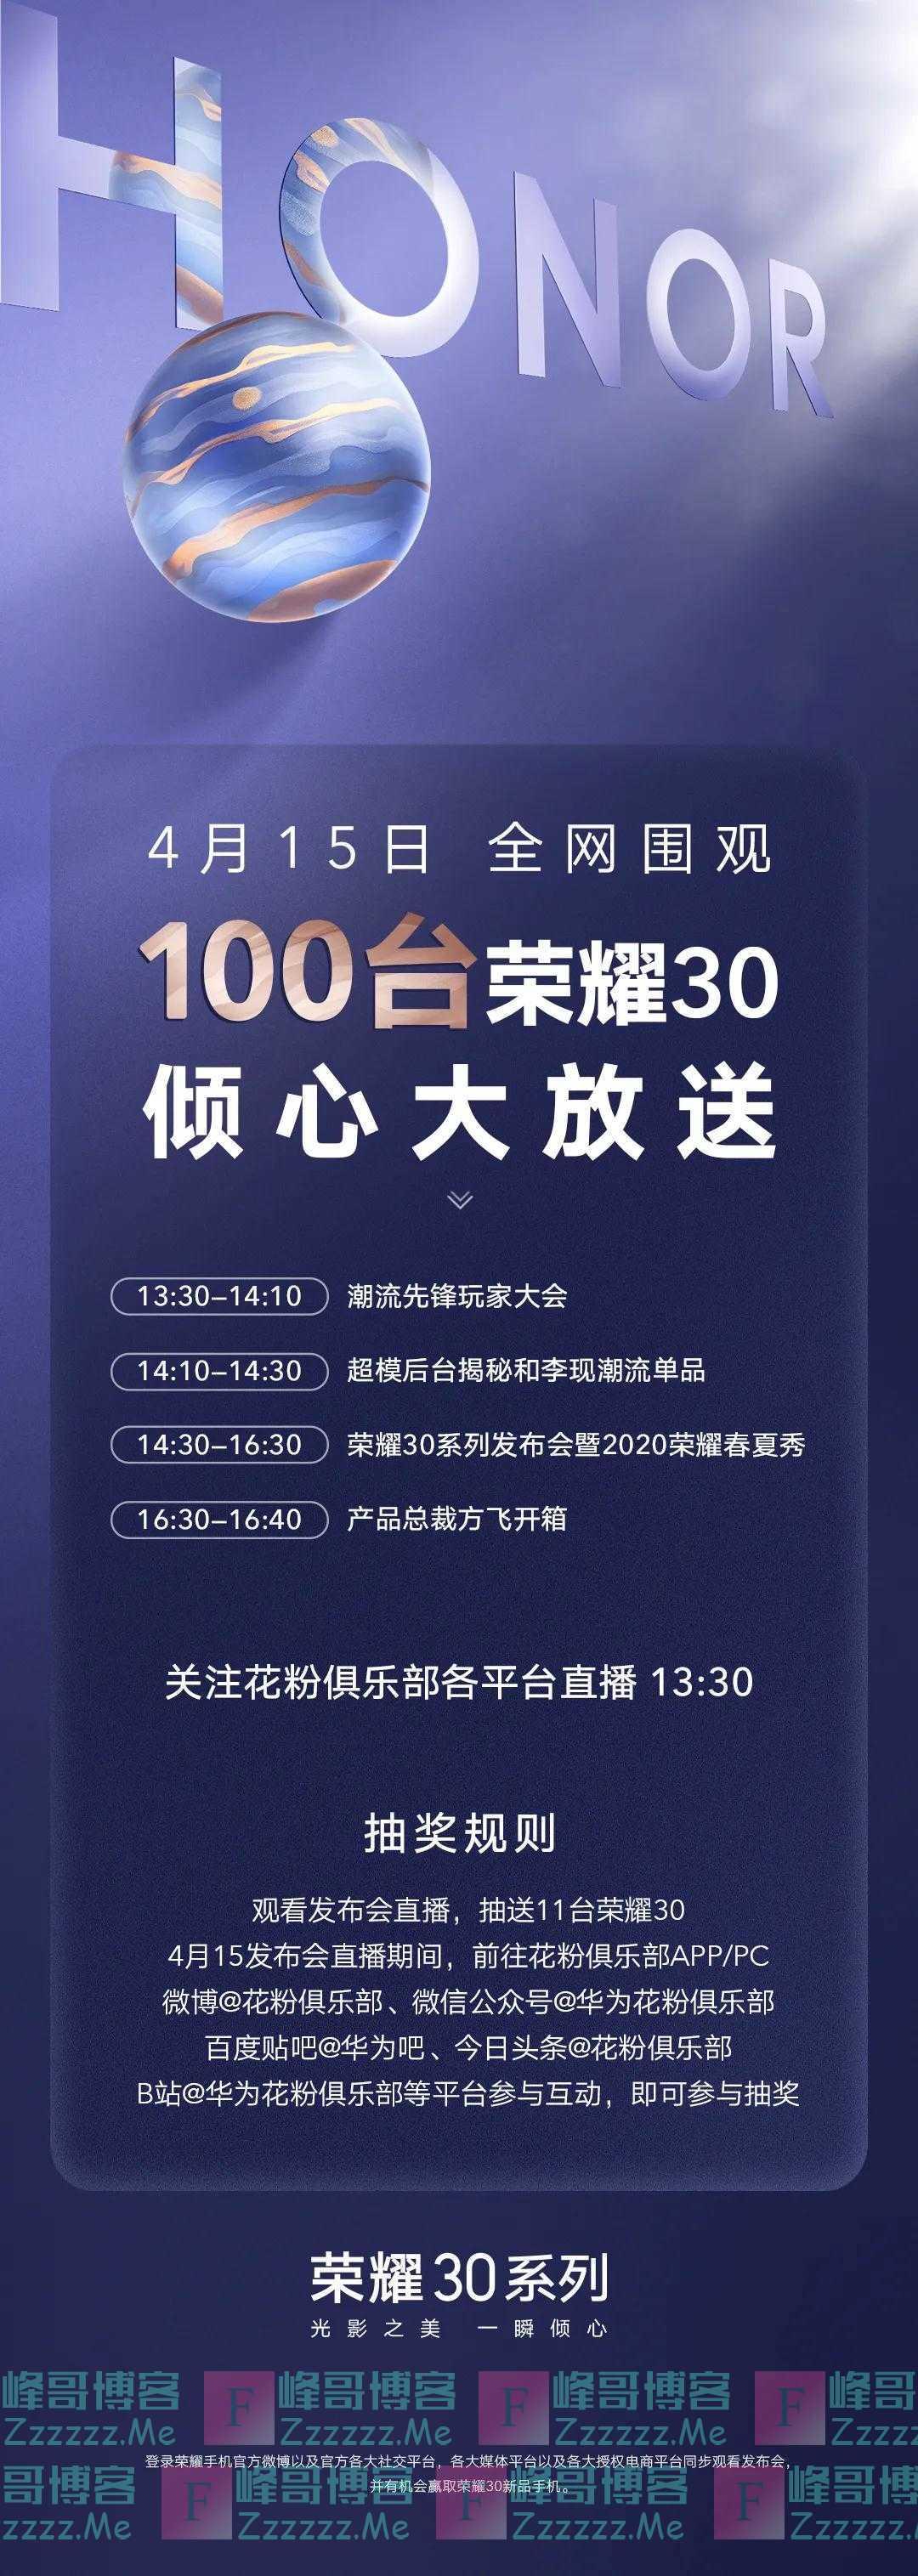 华为花粉俱乐部100台新机倾心大放送(截止4月15日)